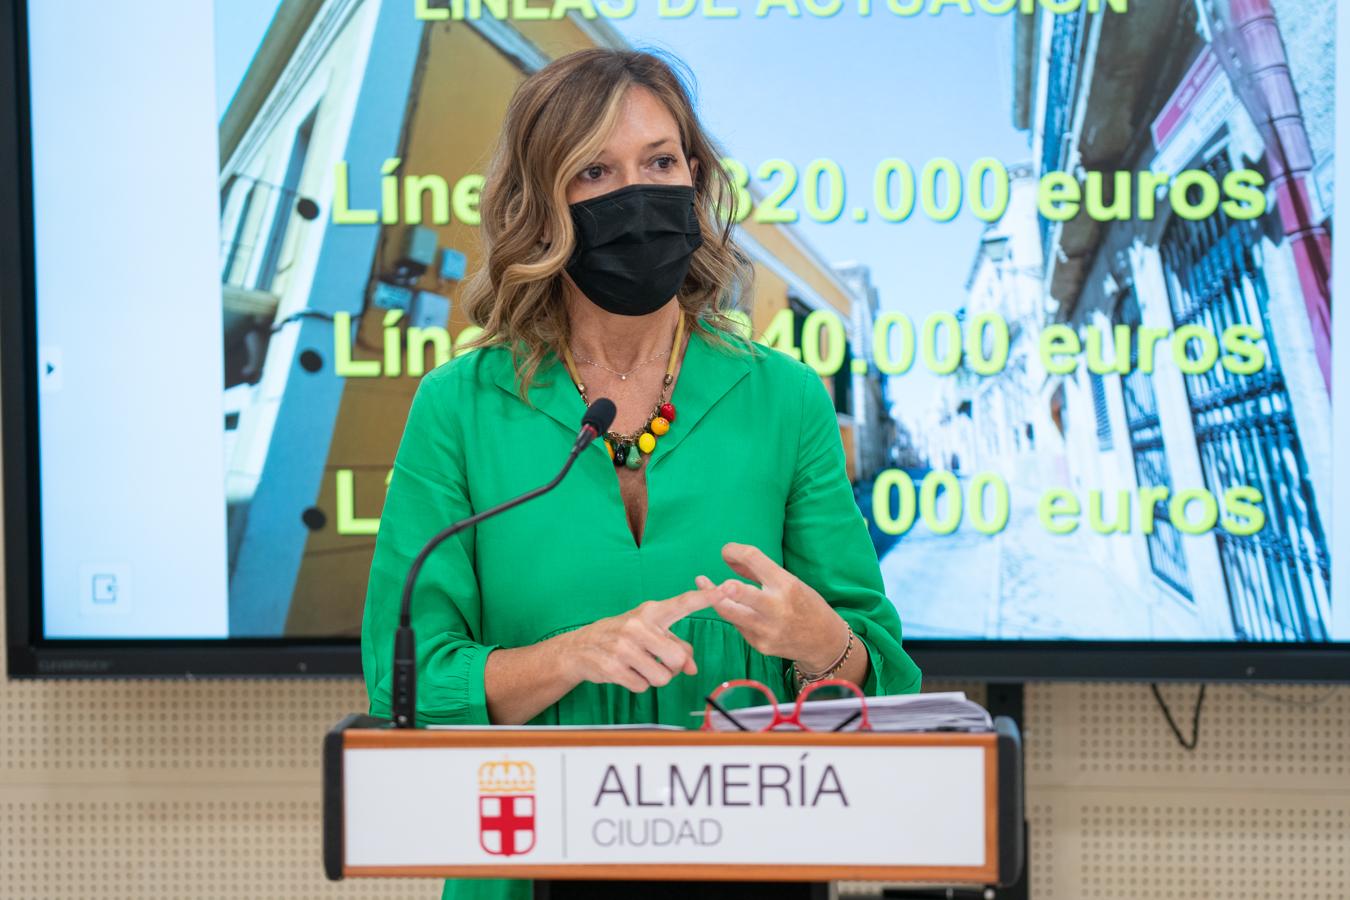 El Ayuntamiento eleva hasta los 800.000 euros las ayudas a la rehabilitación de edificios, un 60% más que en la última convocatoria